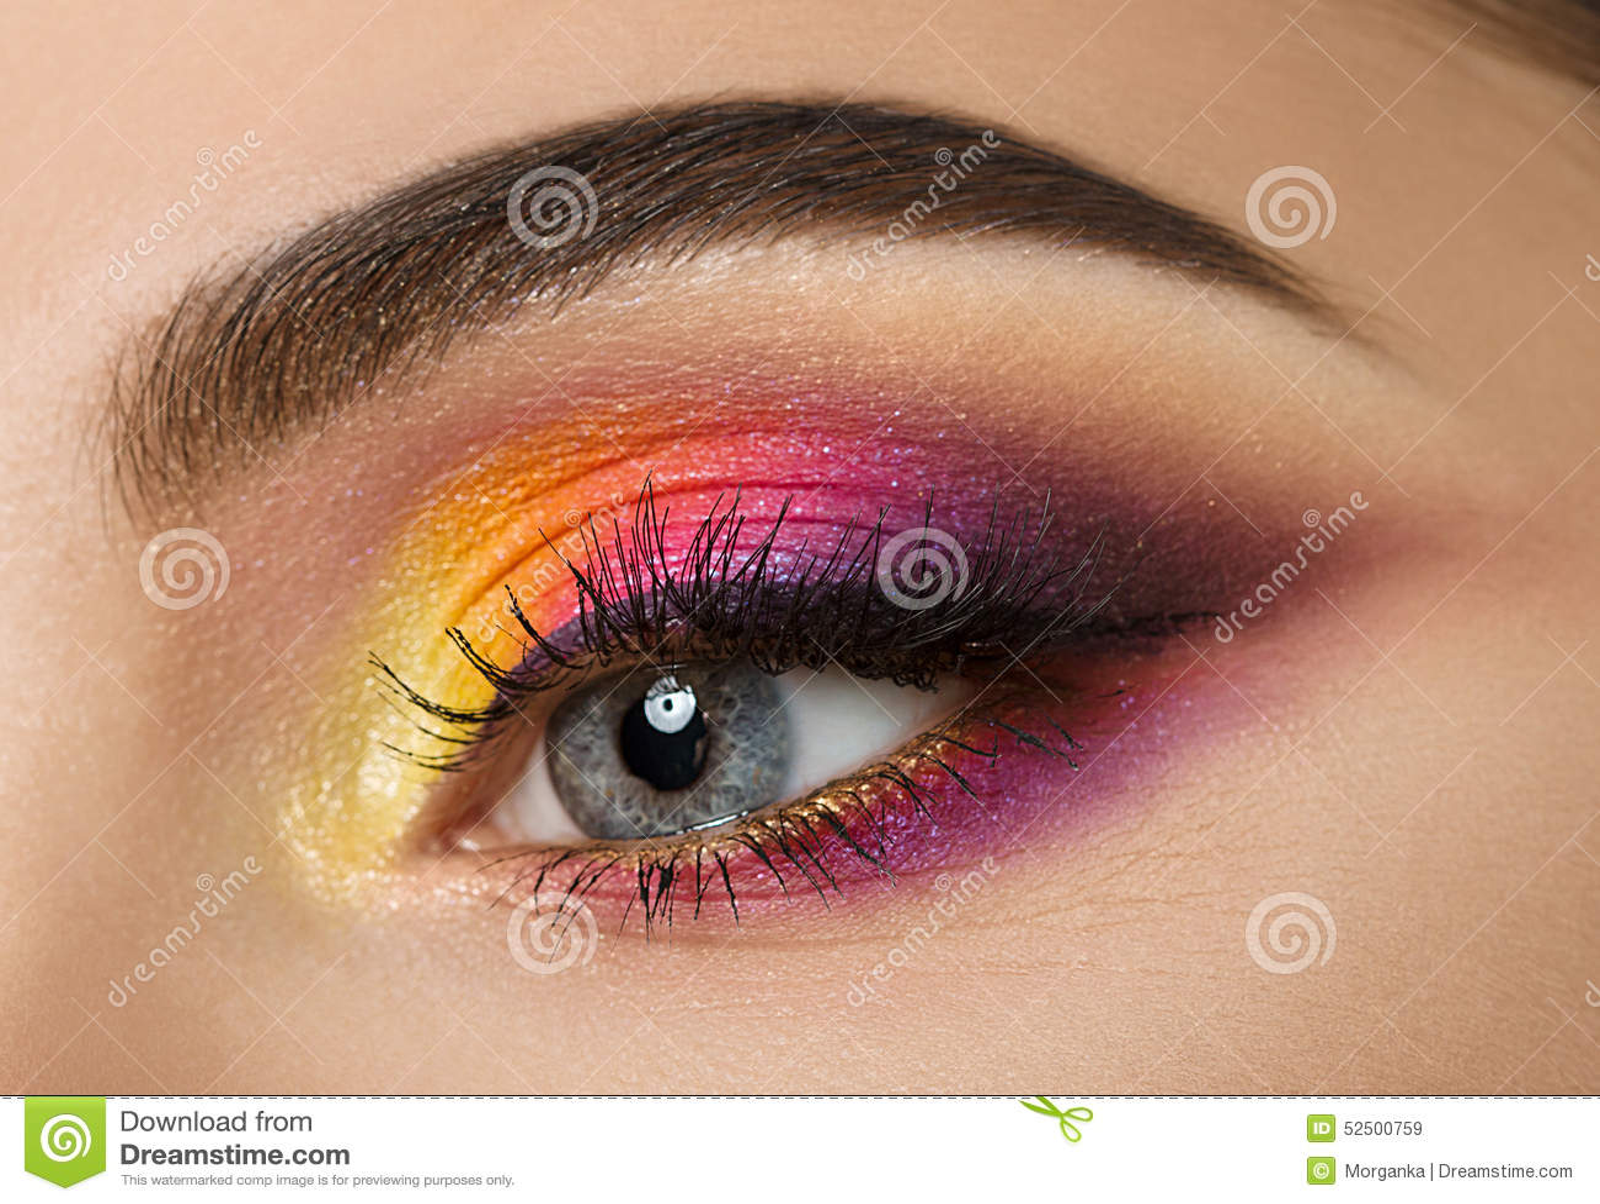 Frauenauge mit schönem buntem Make-up